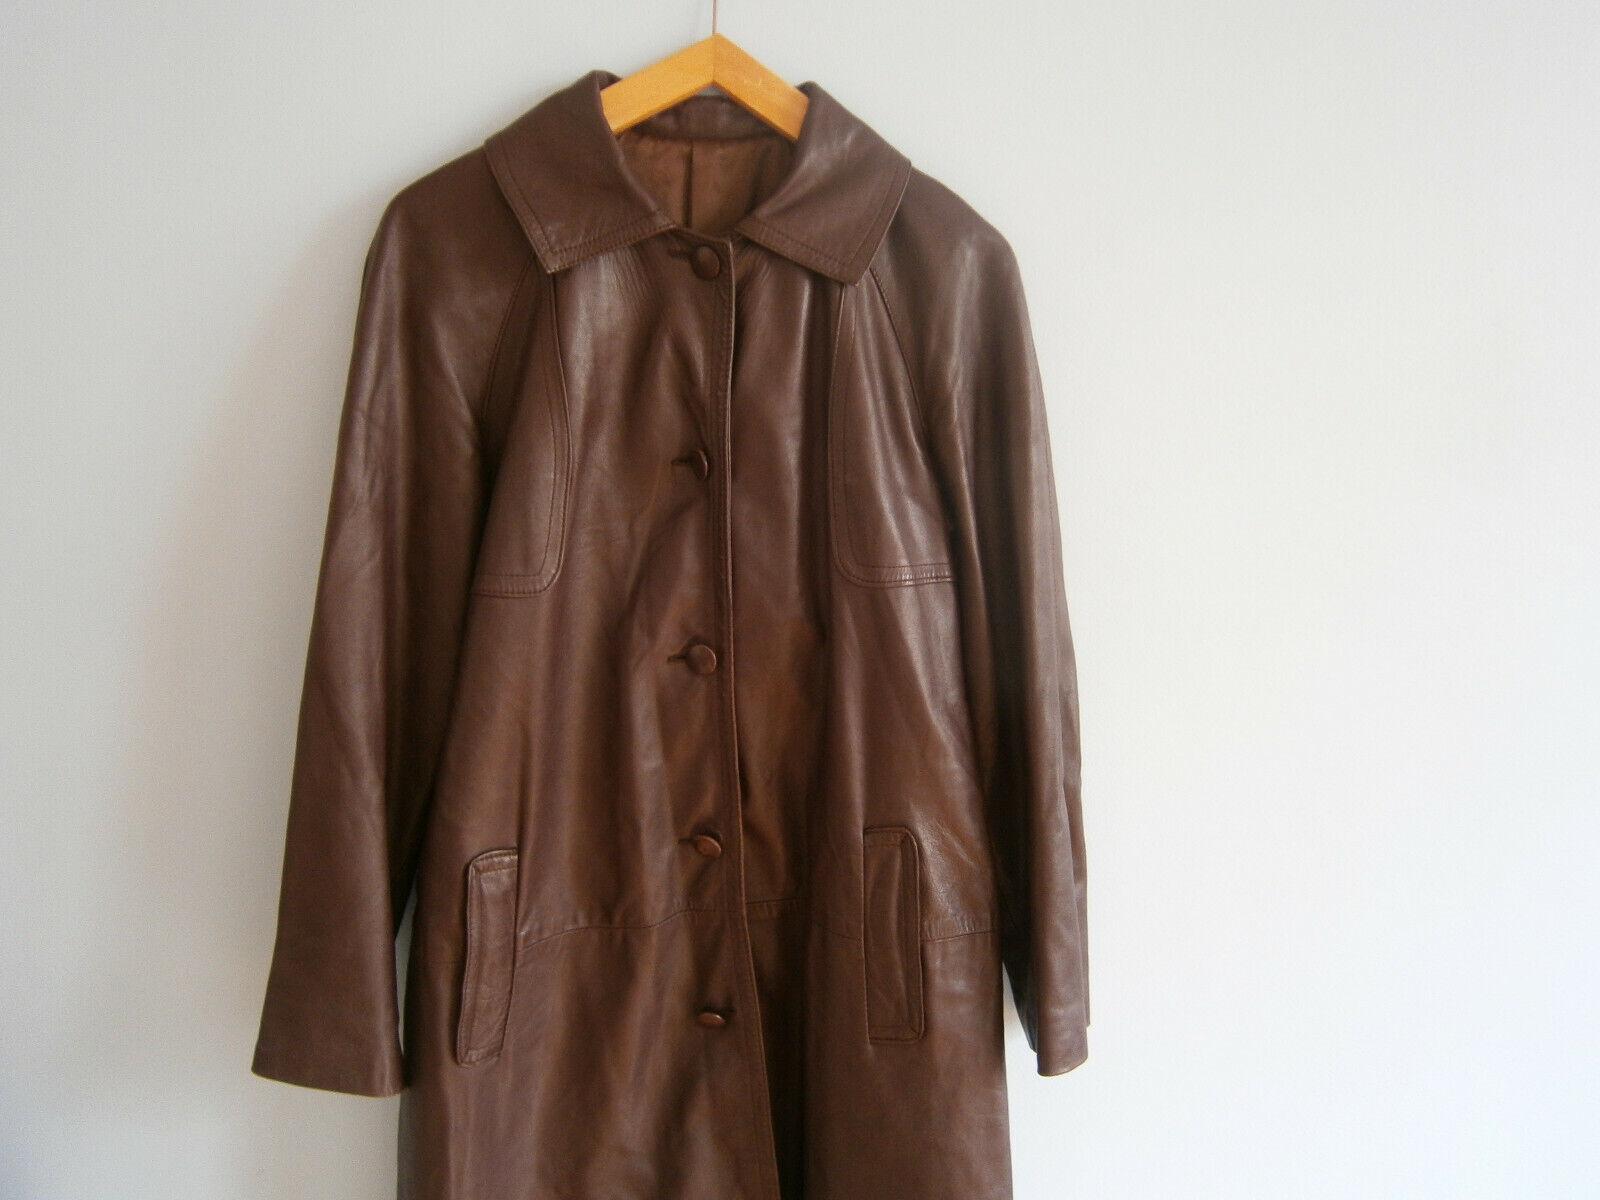 Manteau cuir nappa 38 sublime style celine phoebe philo